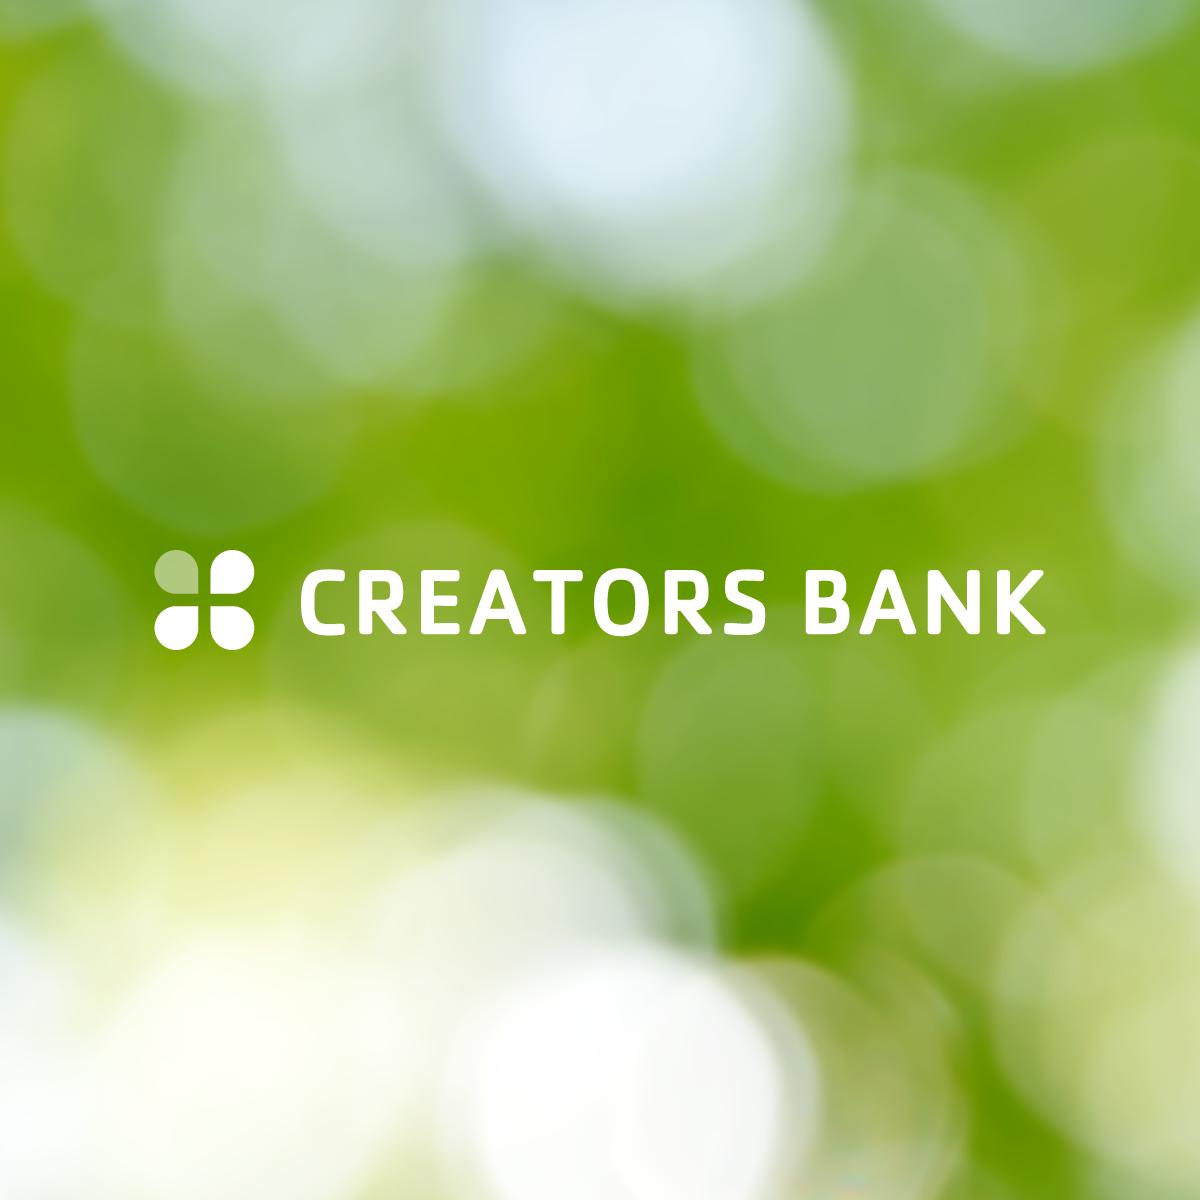 CREATORS BANK|イラスト・グラフィックのWebポートフォリオ